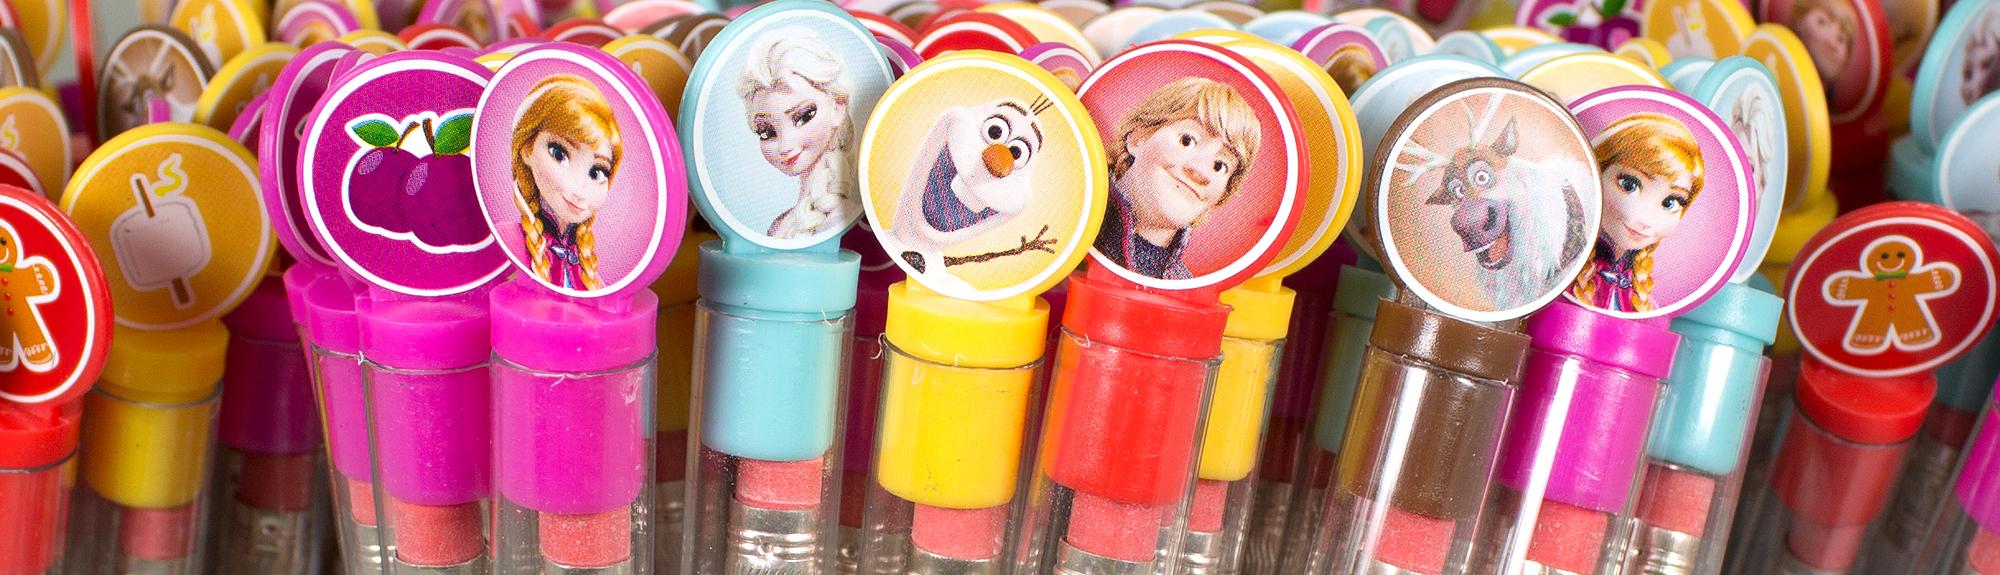 Disney Frozen: Smencils header